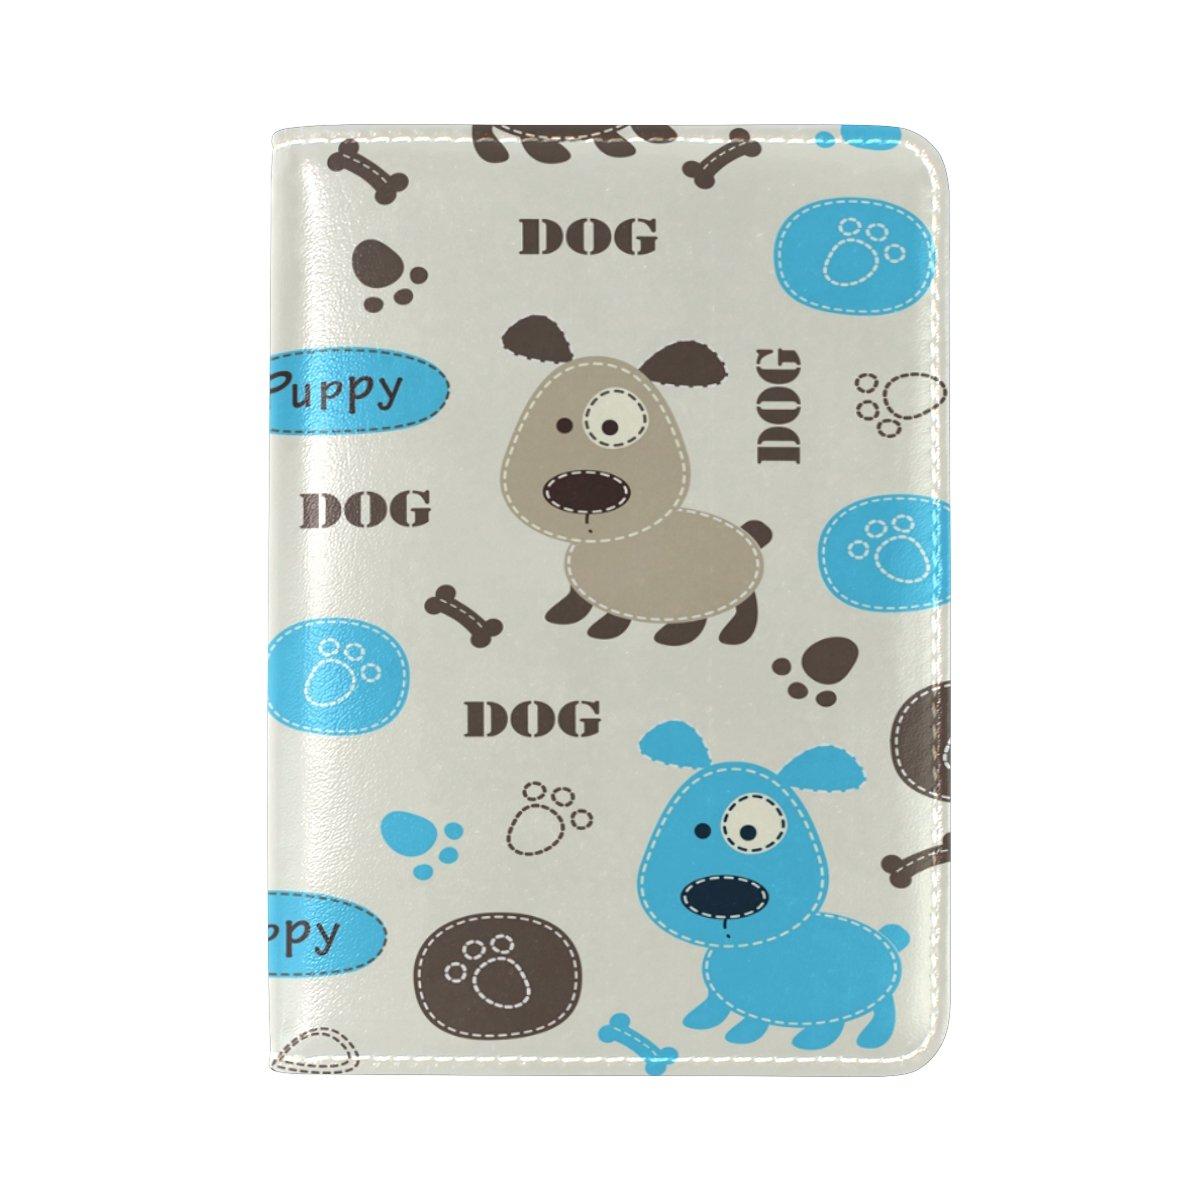 YuihomeFunny Dogs 本革パスポートホルダーカバーケース トラベルウォレット B07F28TC3T